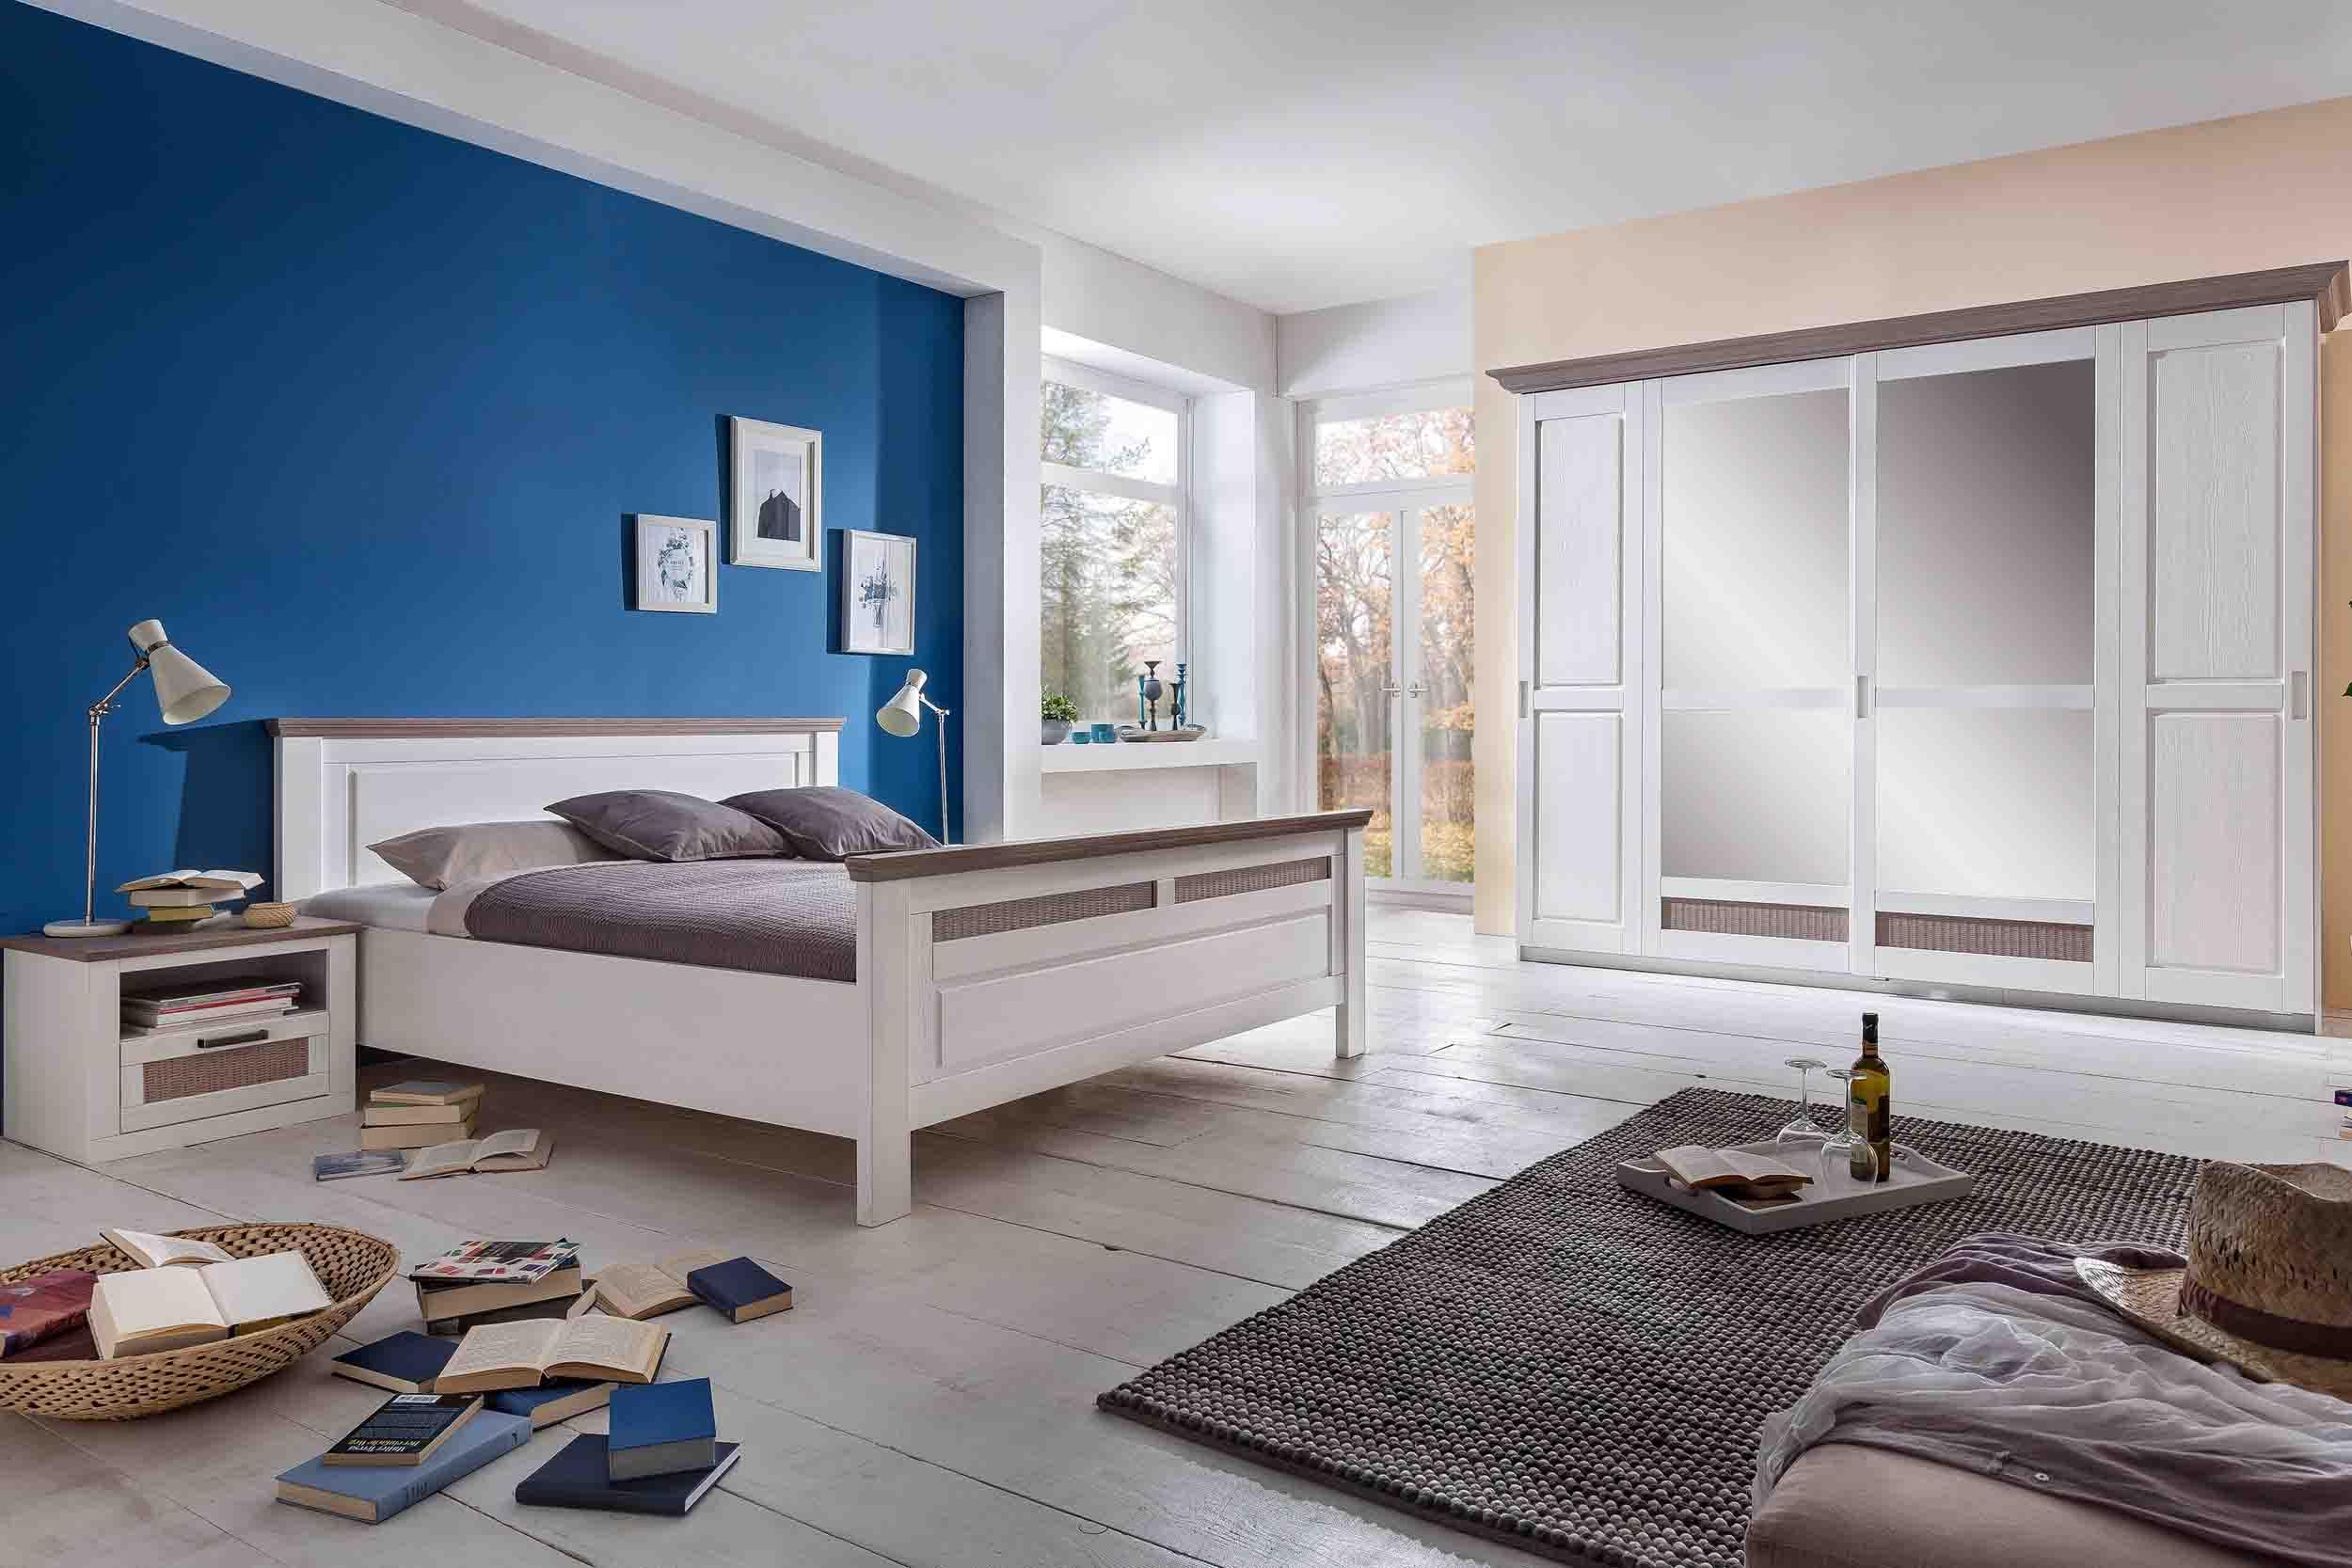 Schlafzimmer Lugano Pinie Weiss Absatz Taupe Gunstig Massiva Mobel De